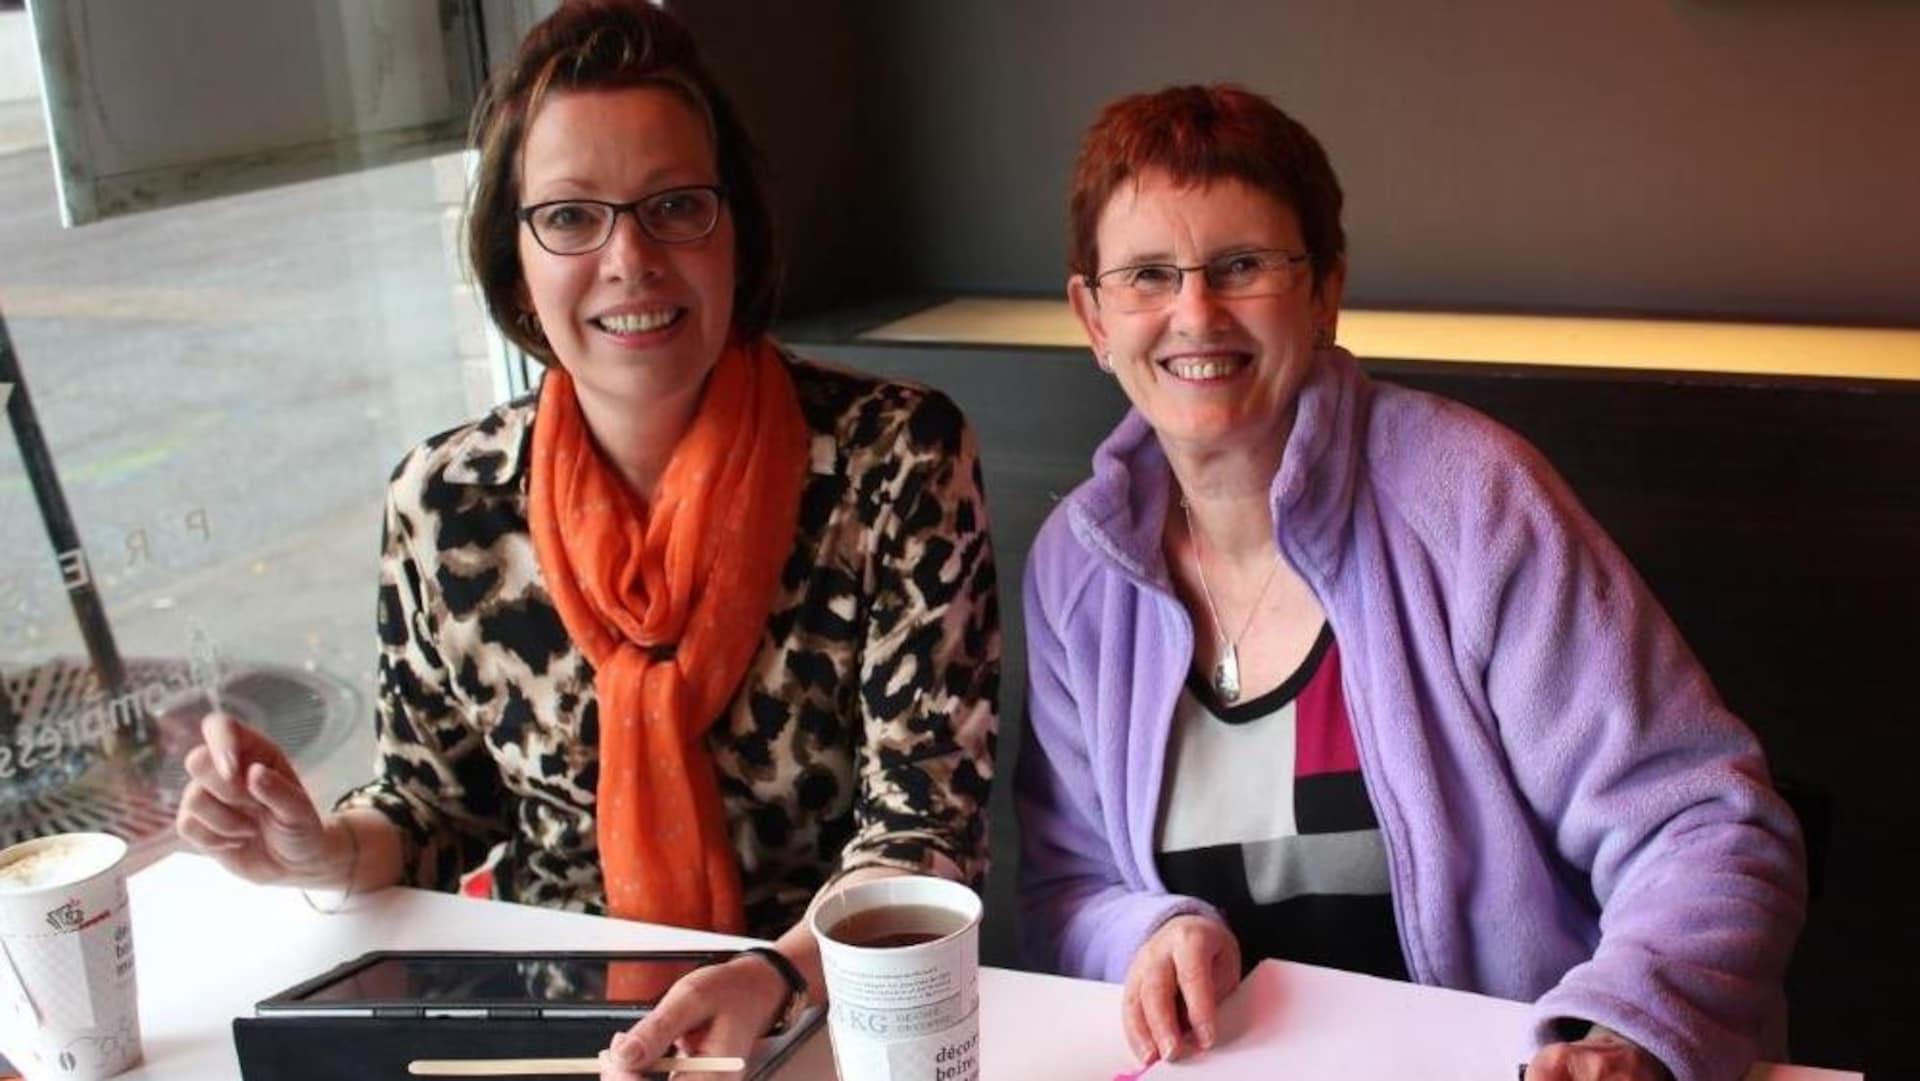 Deux femmes assises à une table avec cafés, tableau et dossier papier.